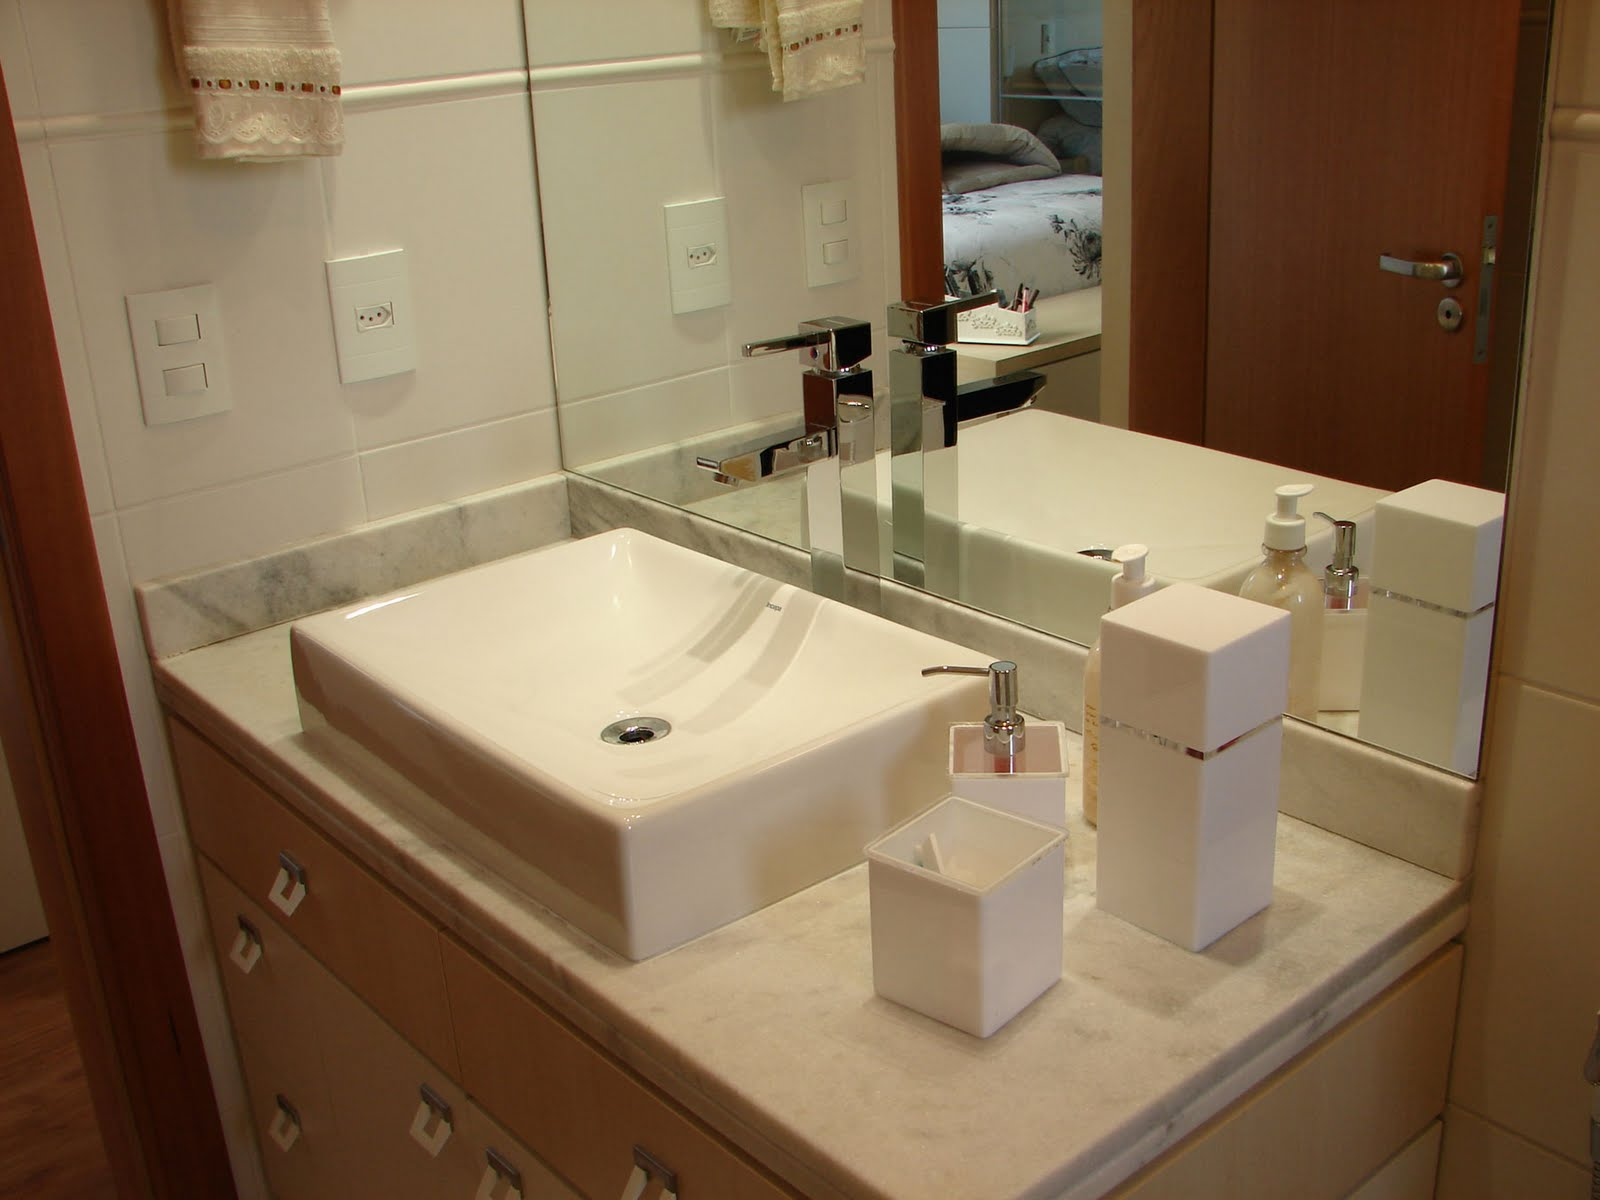 Projeto De Banheiro Com Duas Cubas  cgafghanscom banheiros pequenos e modernos -> Jogo De Cuba Para Banheiro